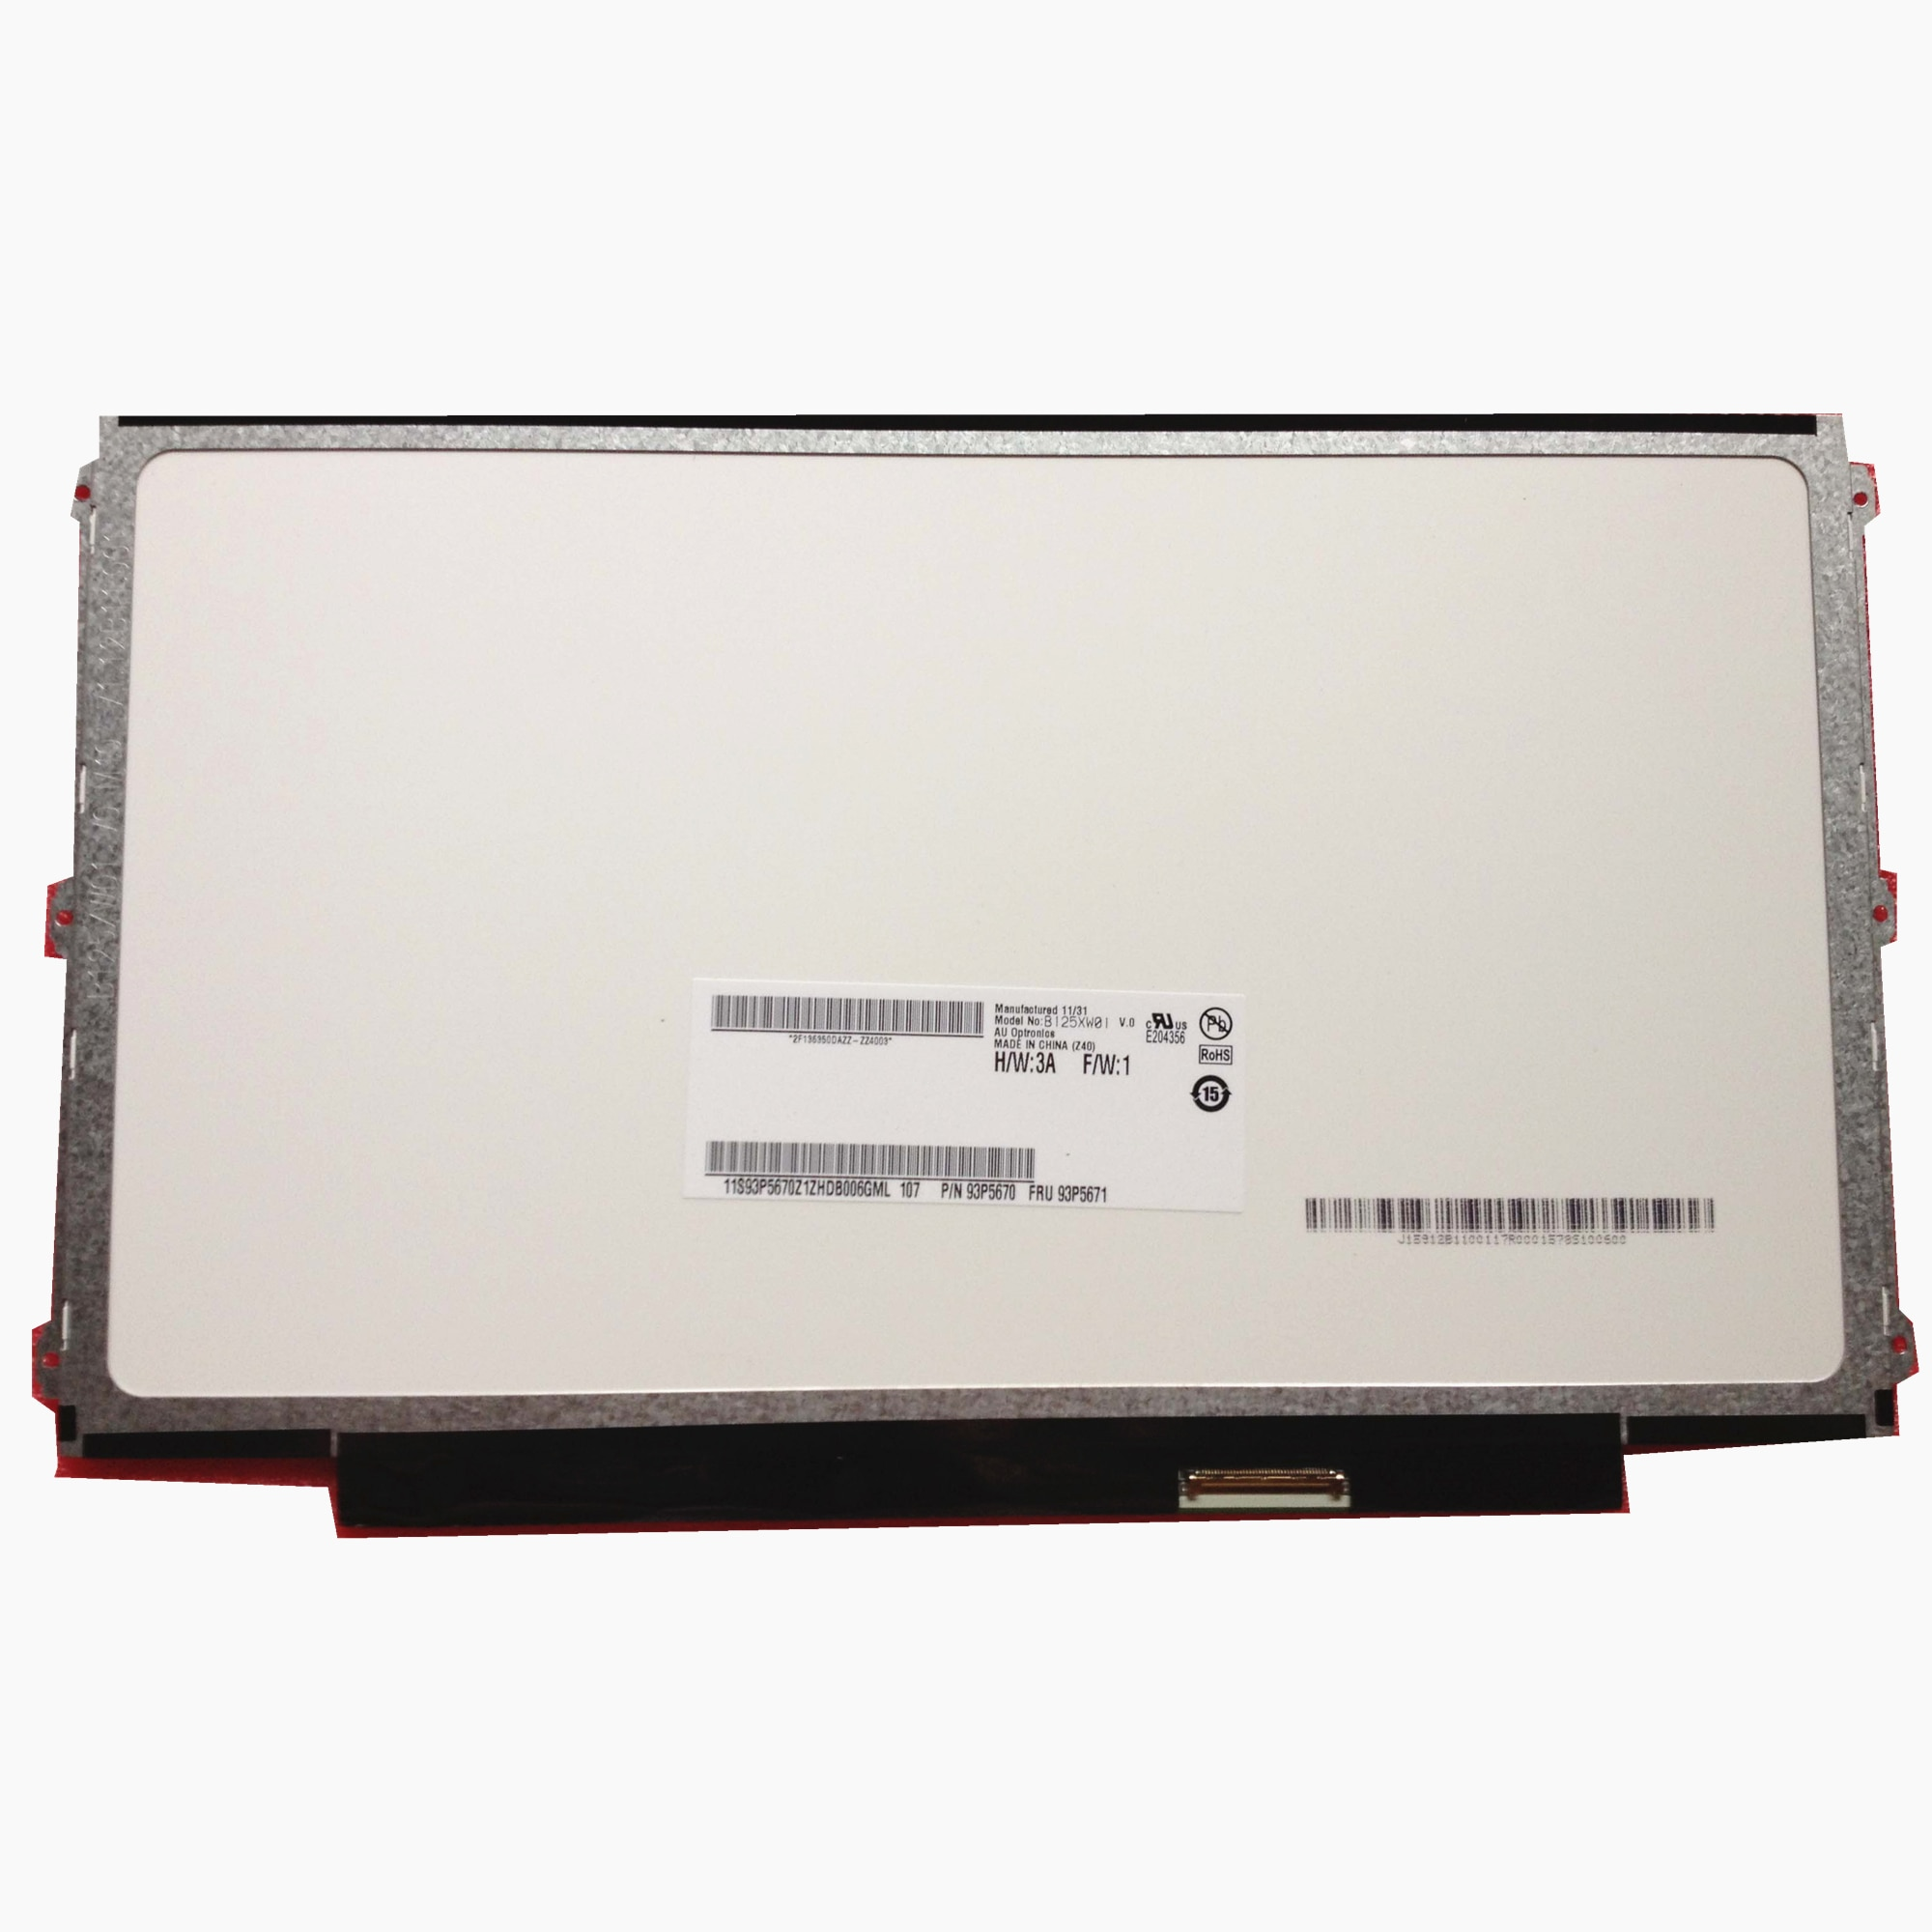 Envío Gratis B125XW01 V0 B125XW01 V.0 LTN125AT01 apto para lenovo U260 K27 K29 X220 X230 Lcs pantalla 1366*768 LVDS 40 pines